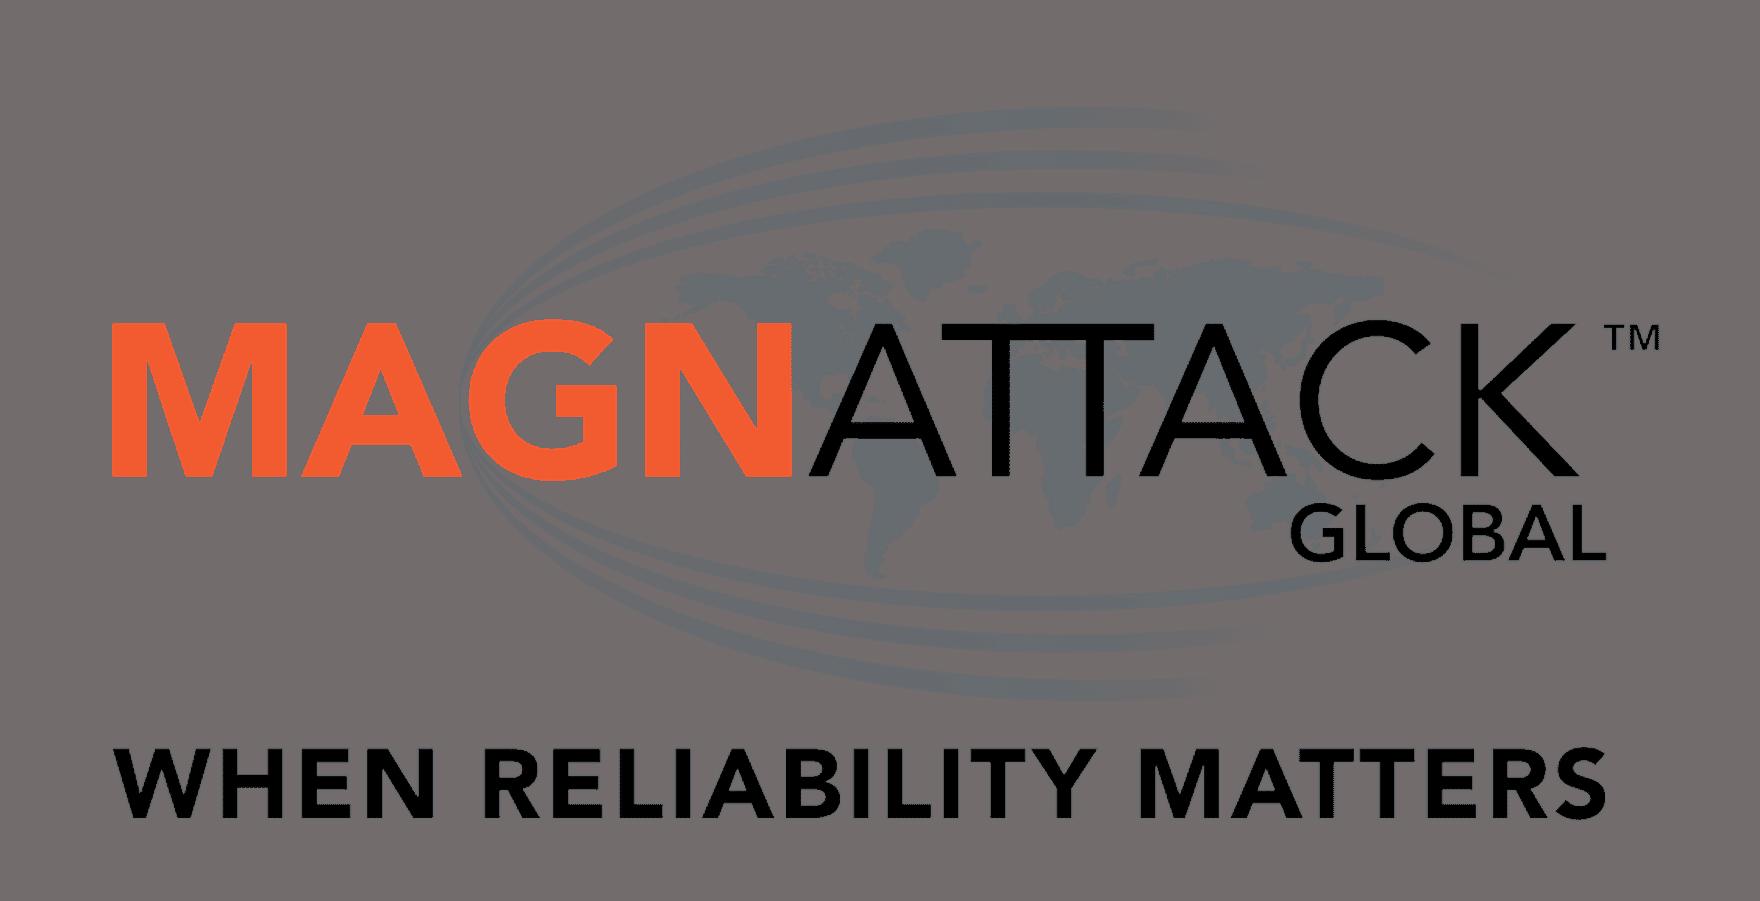 Magnattack Global